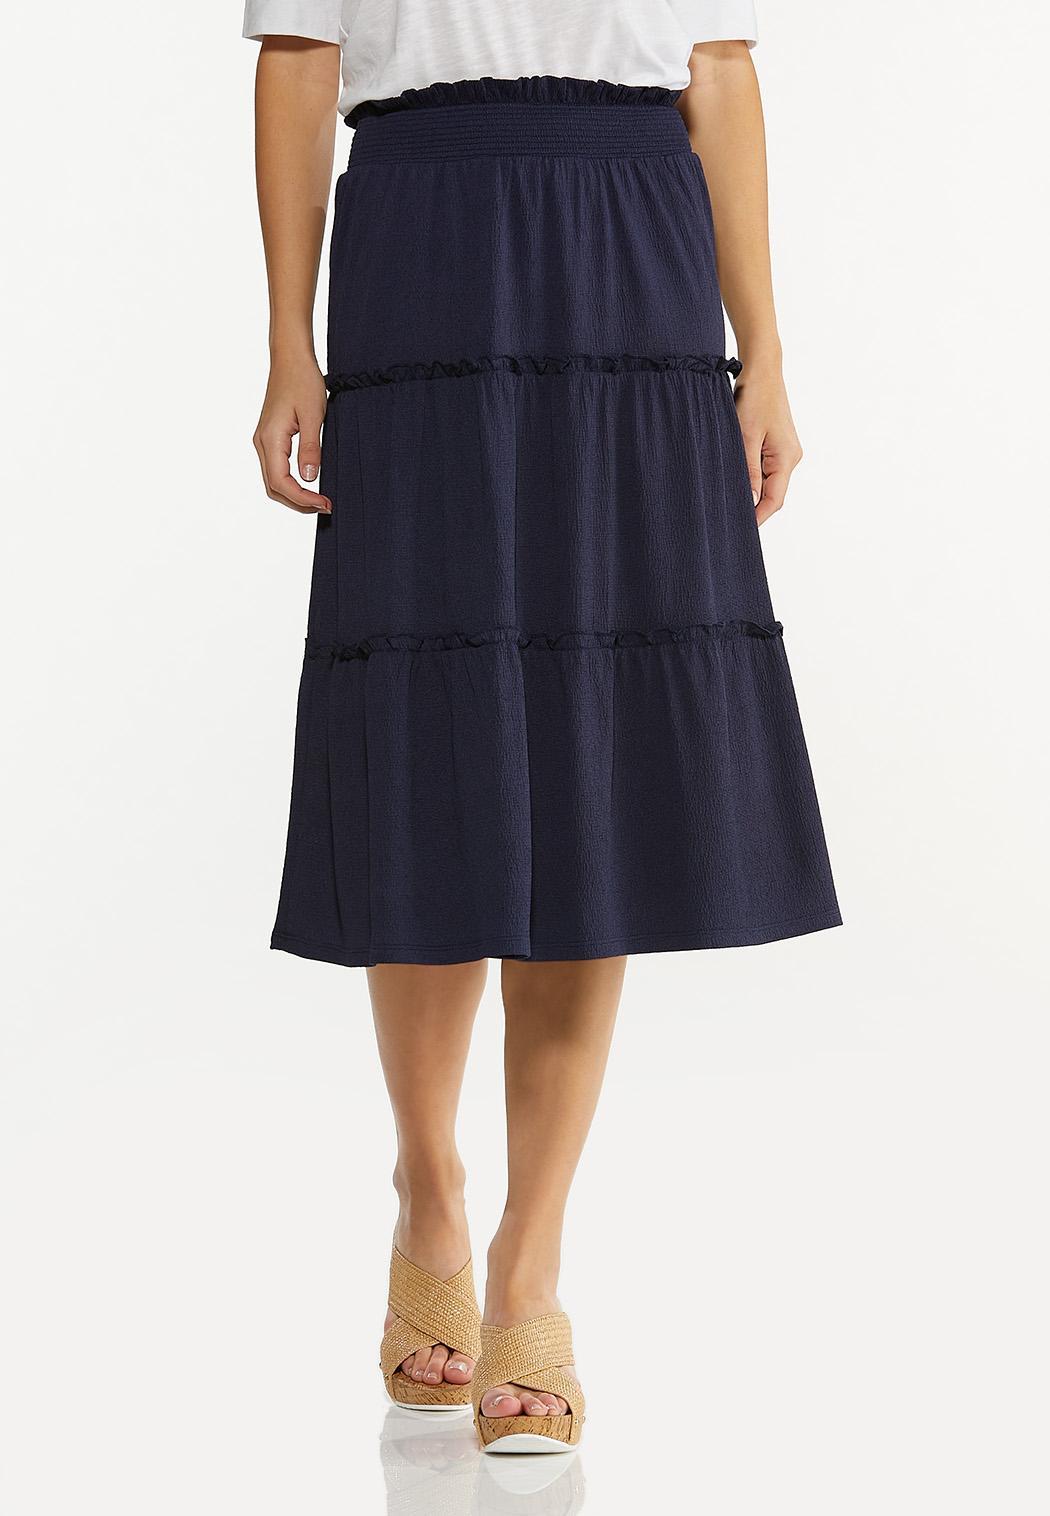 Plus Size Textured Midi Skirt